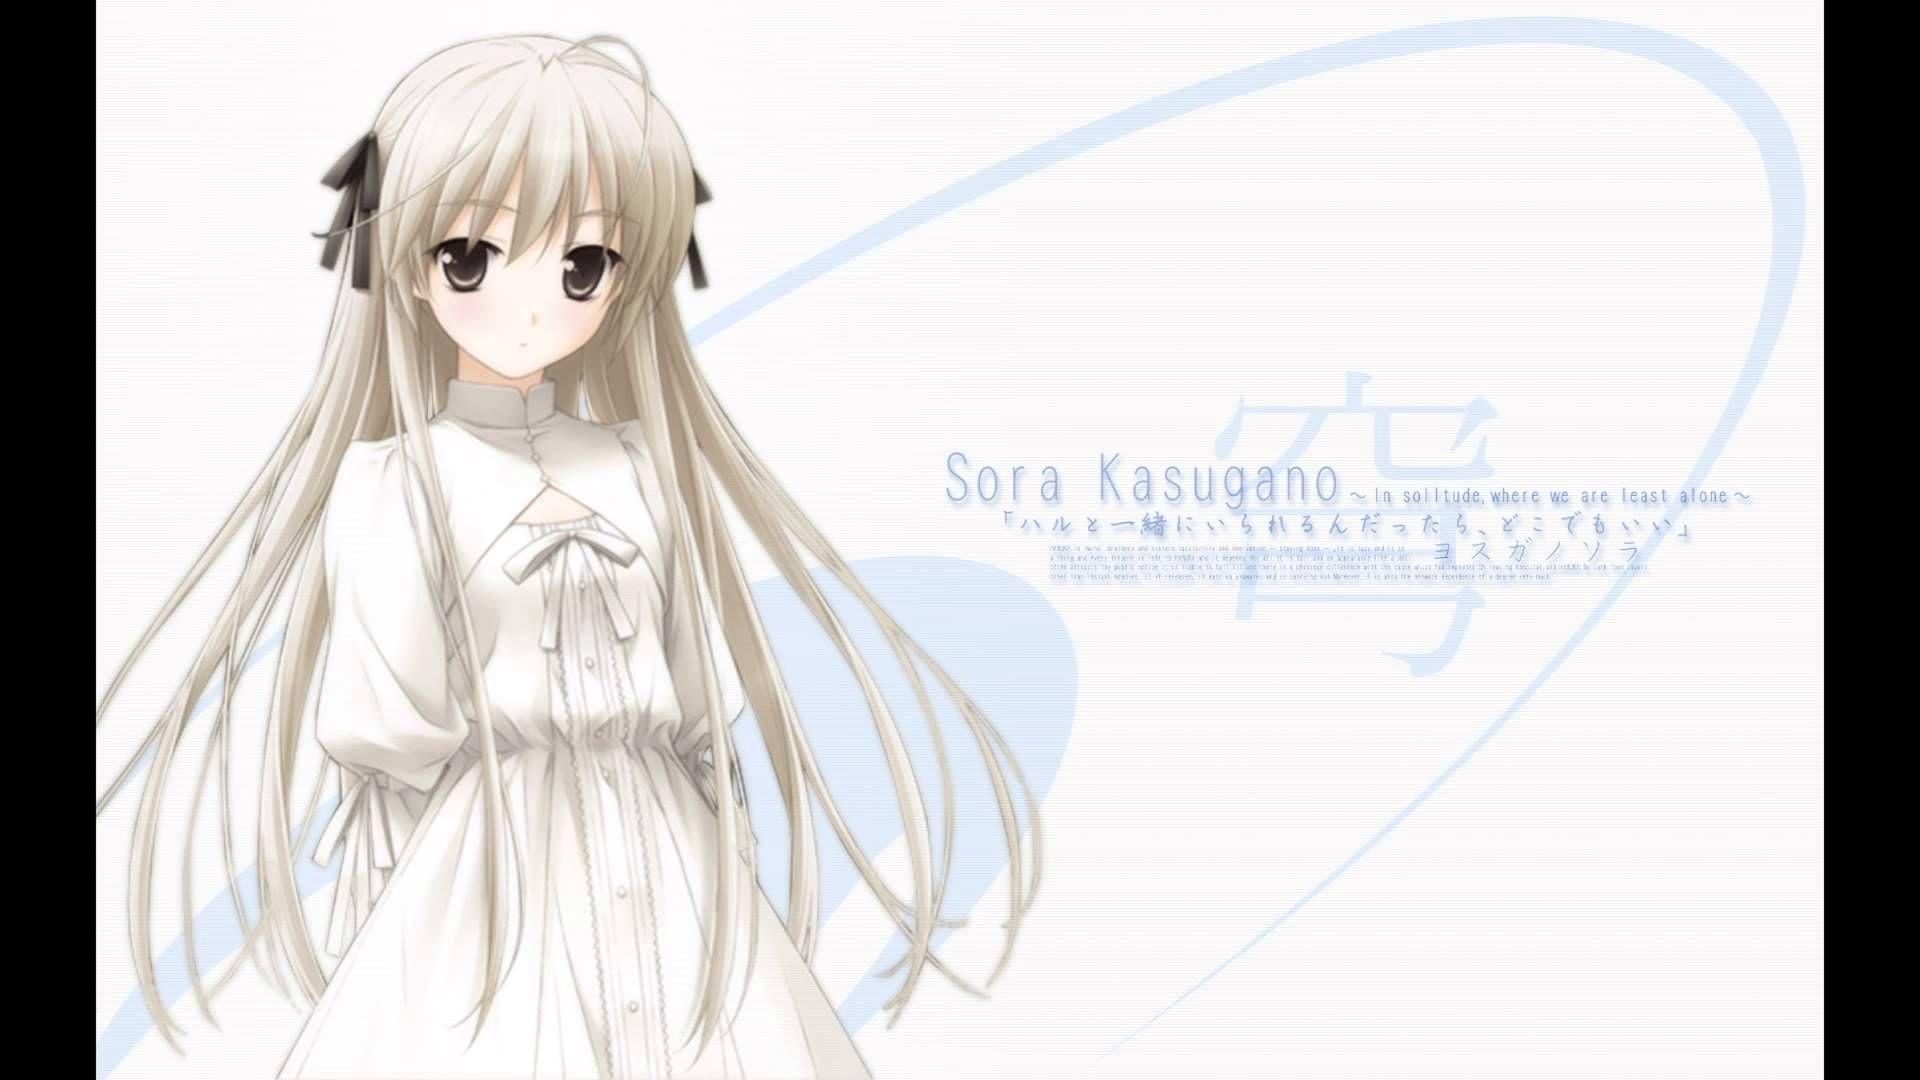 Yosuga No Sora OST Deep Inside Region Yosuga no sora, Sora